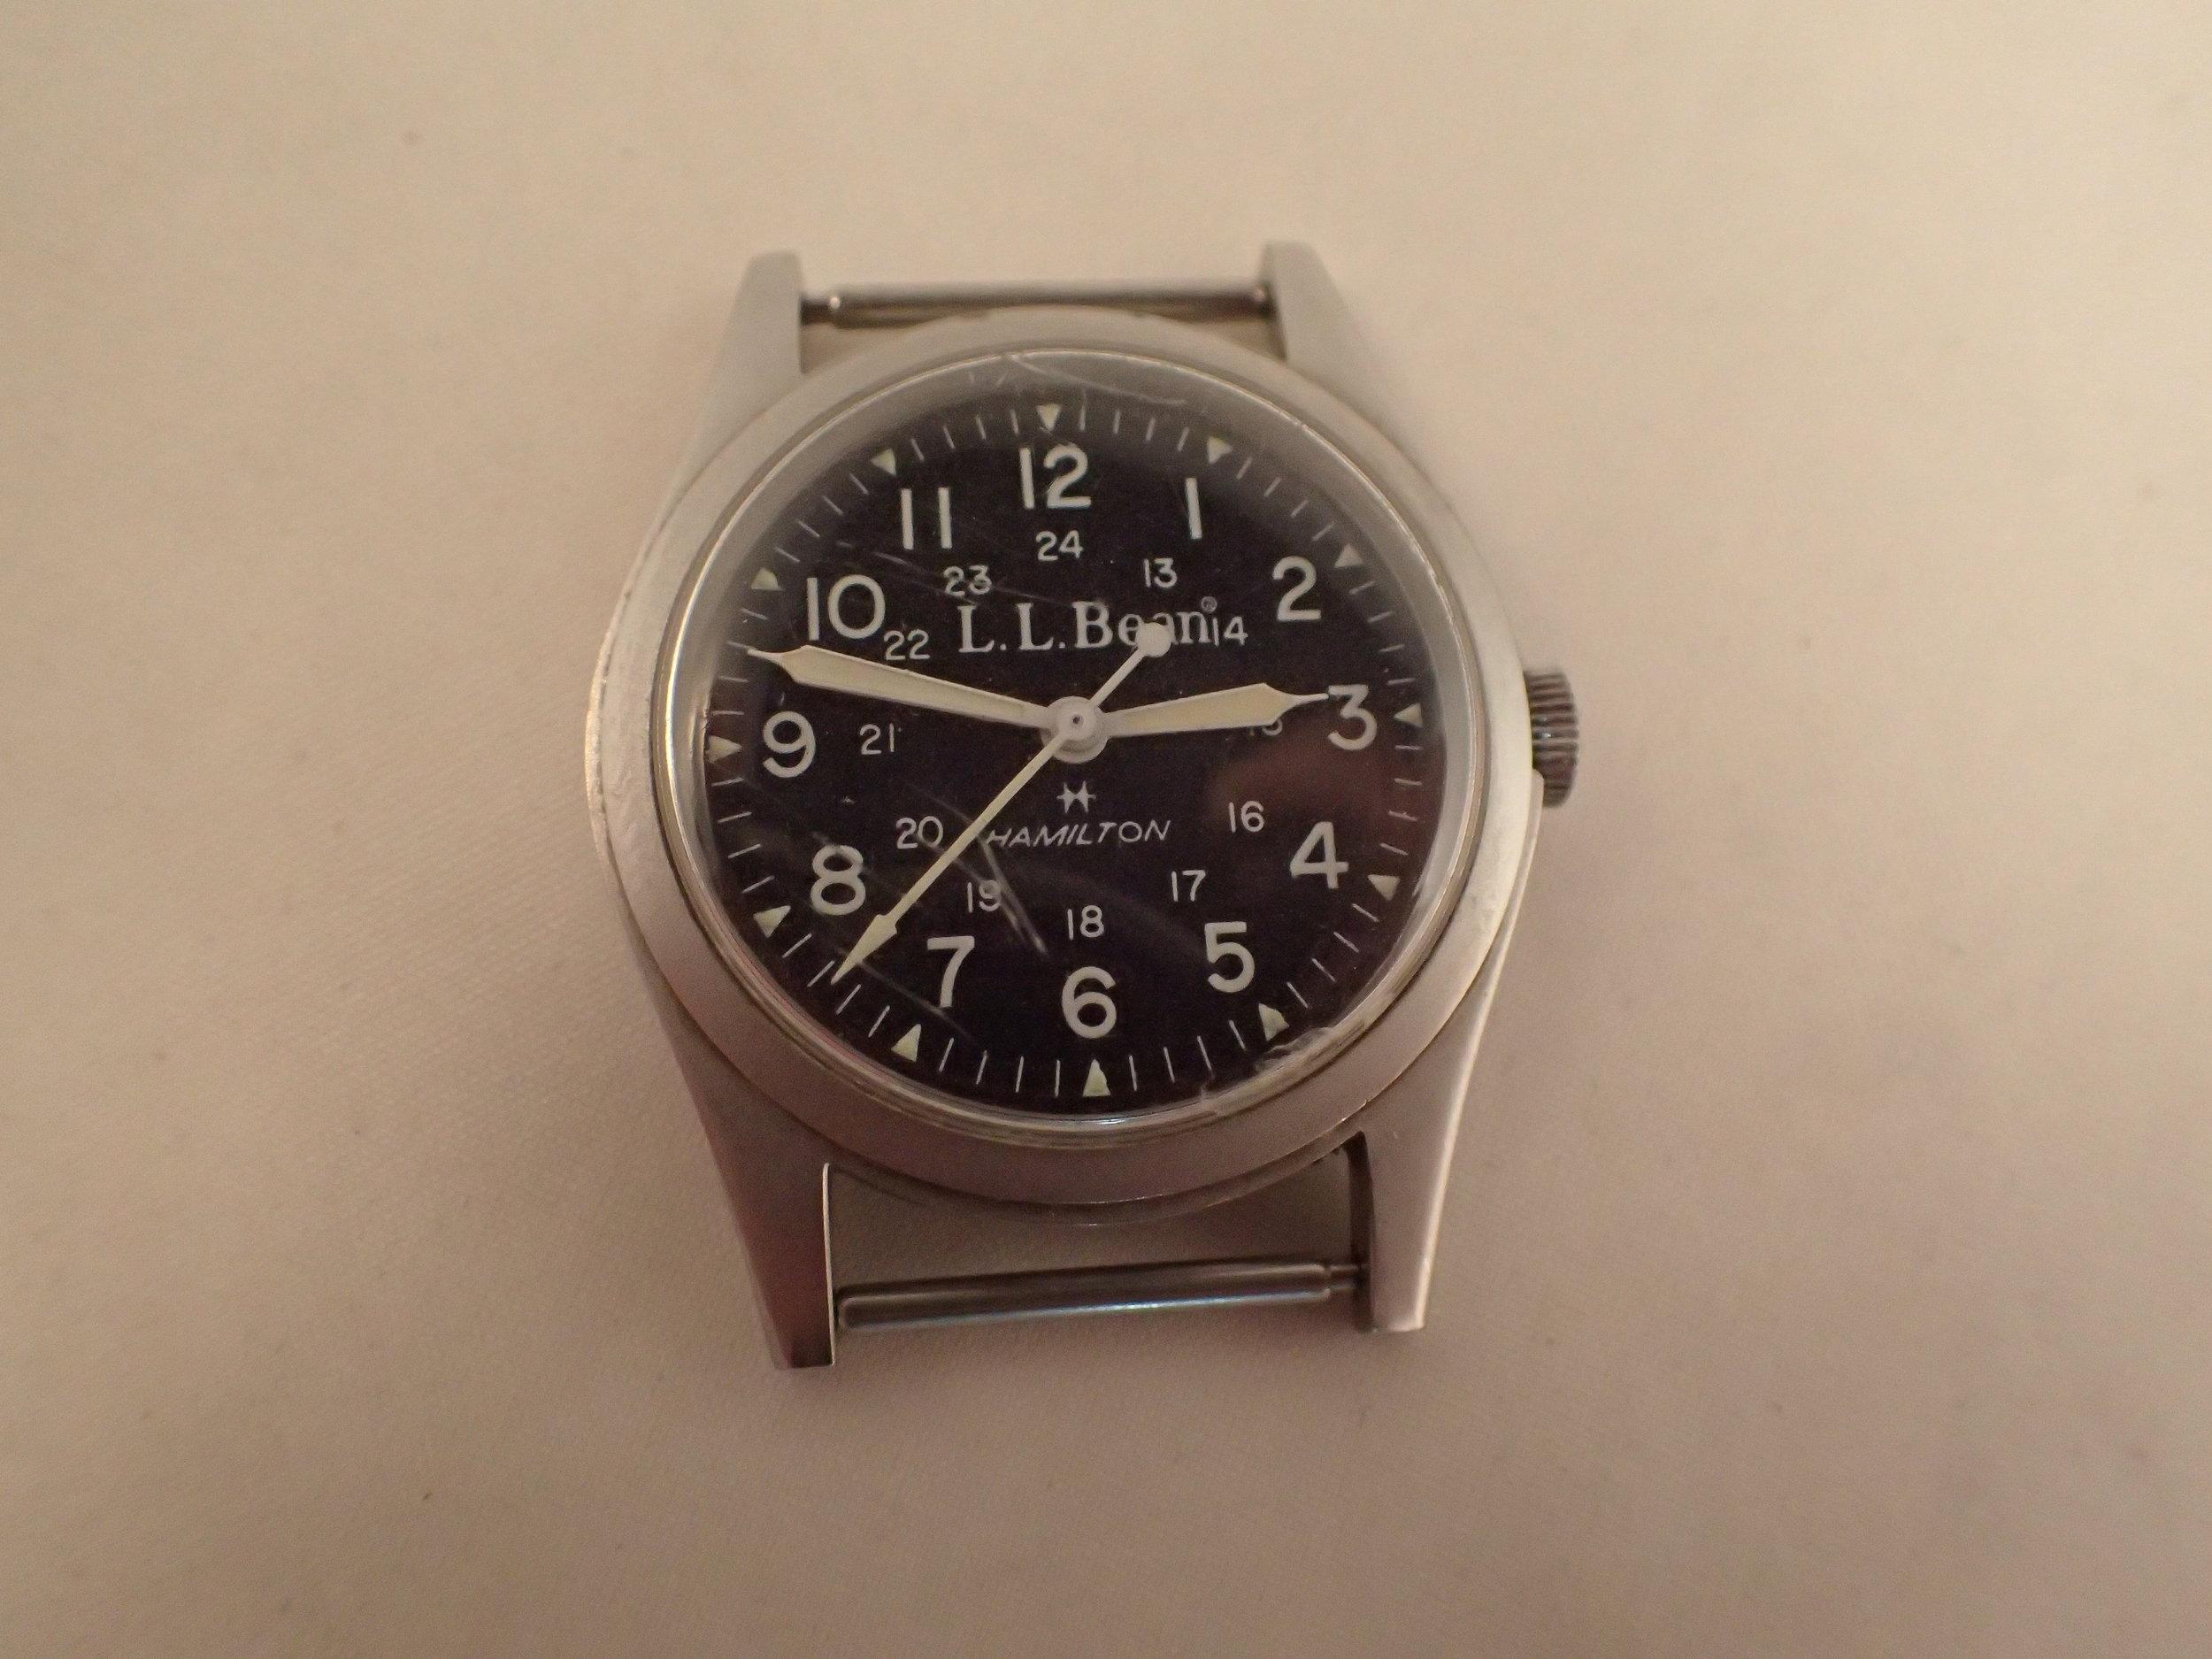 The Hamilton 9415 LL Bean Field Watch.